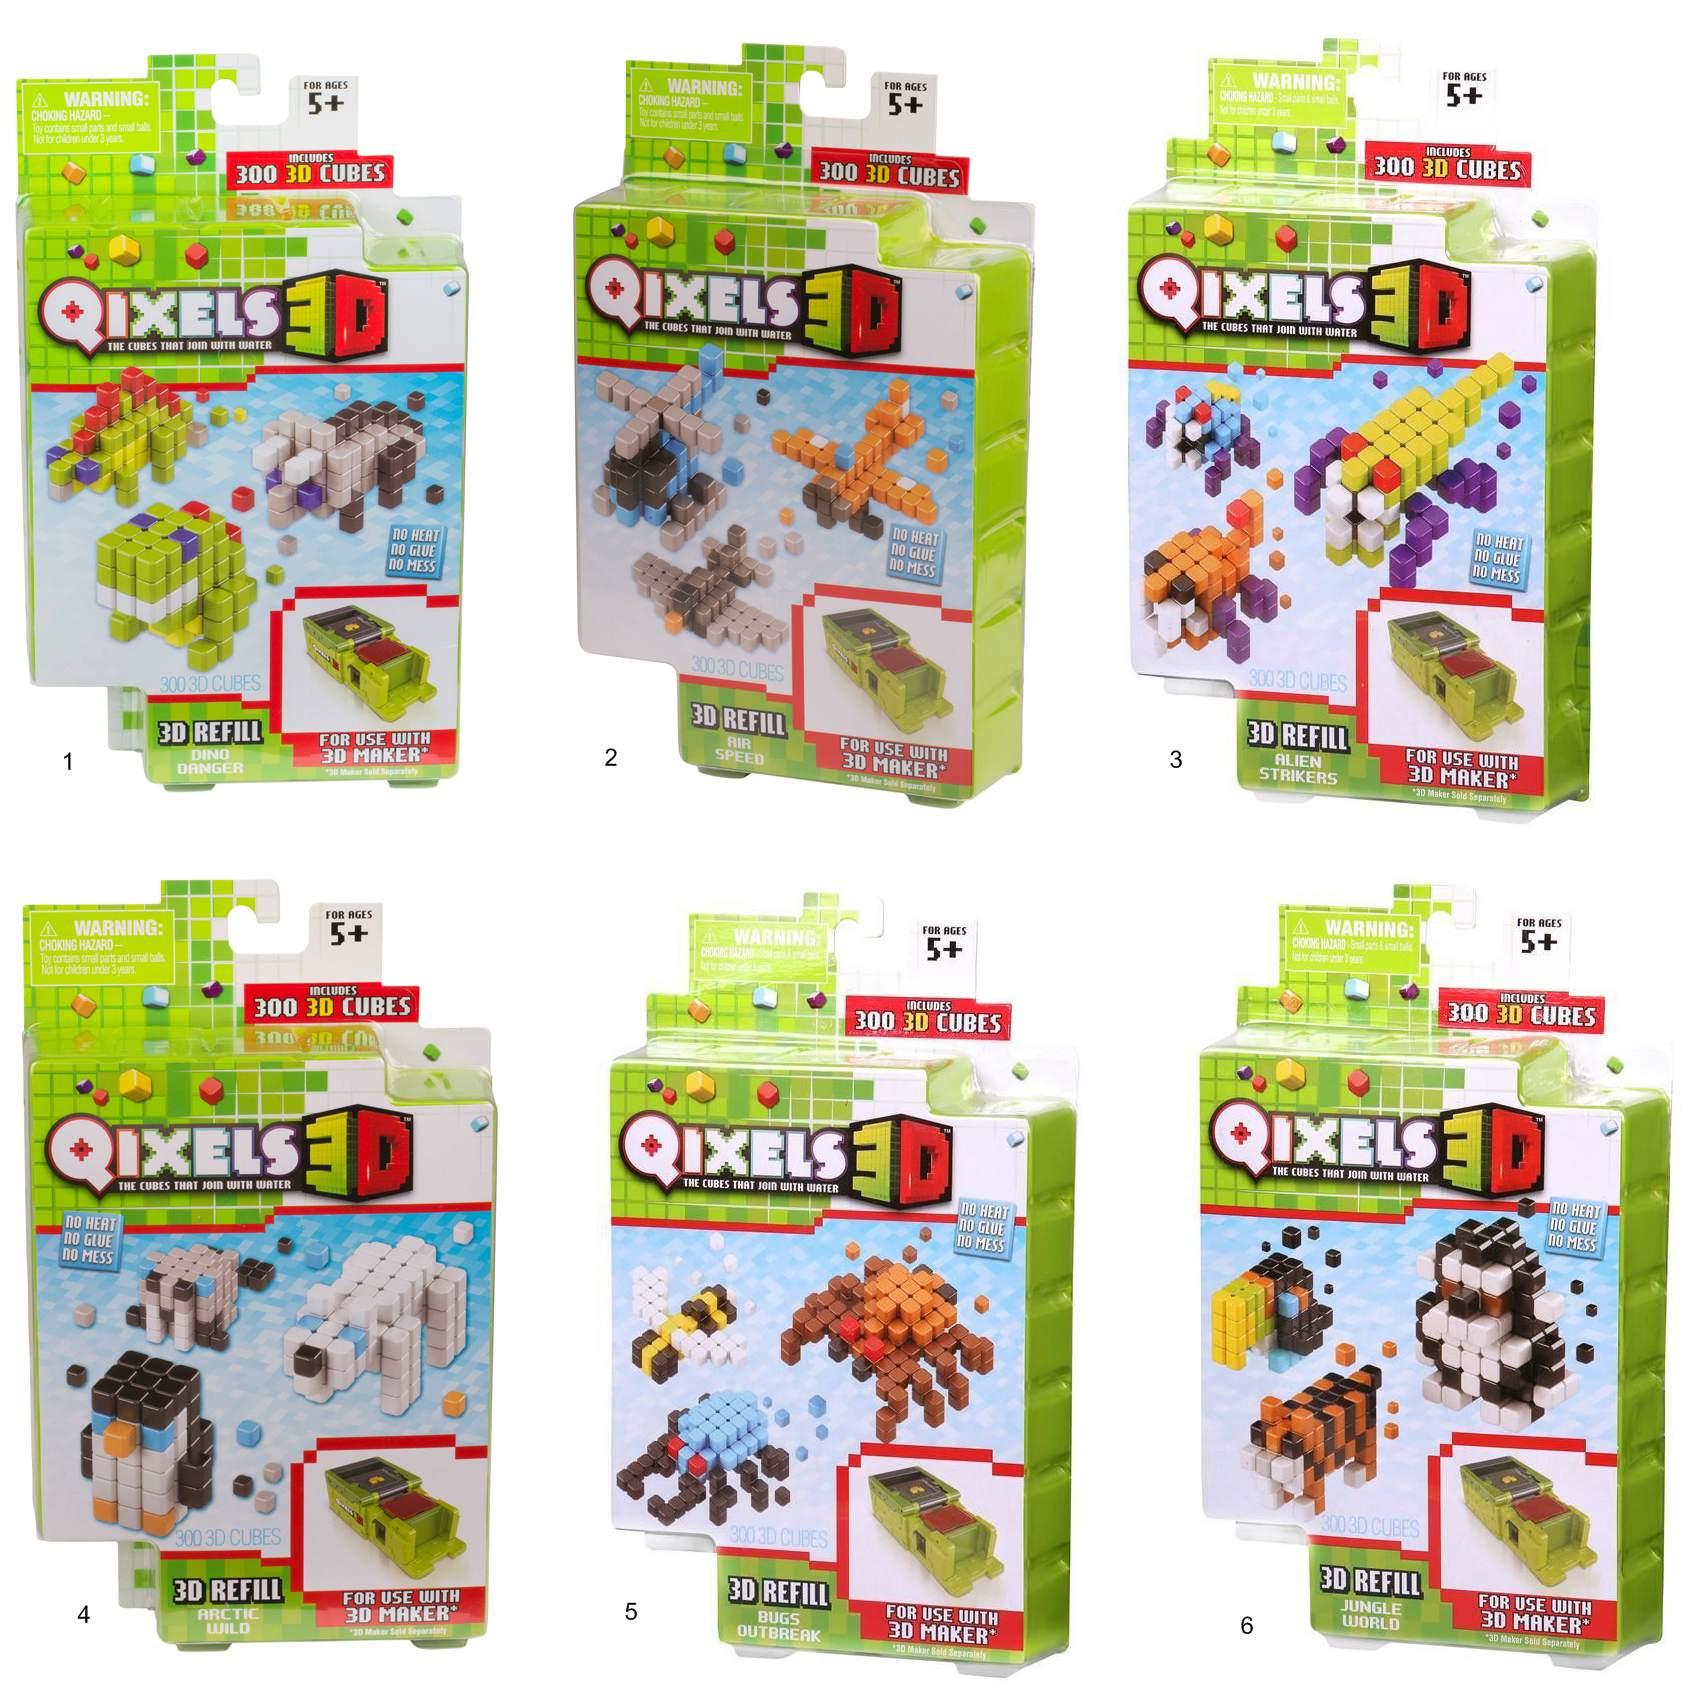 Дополнительный набор Qixels для 3D принтера